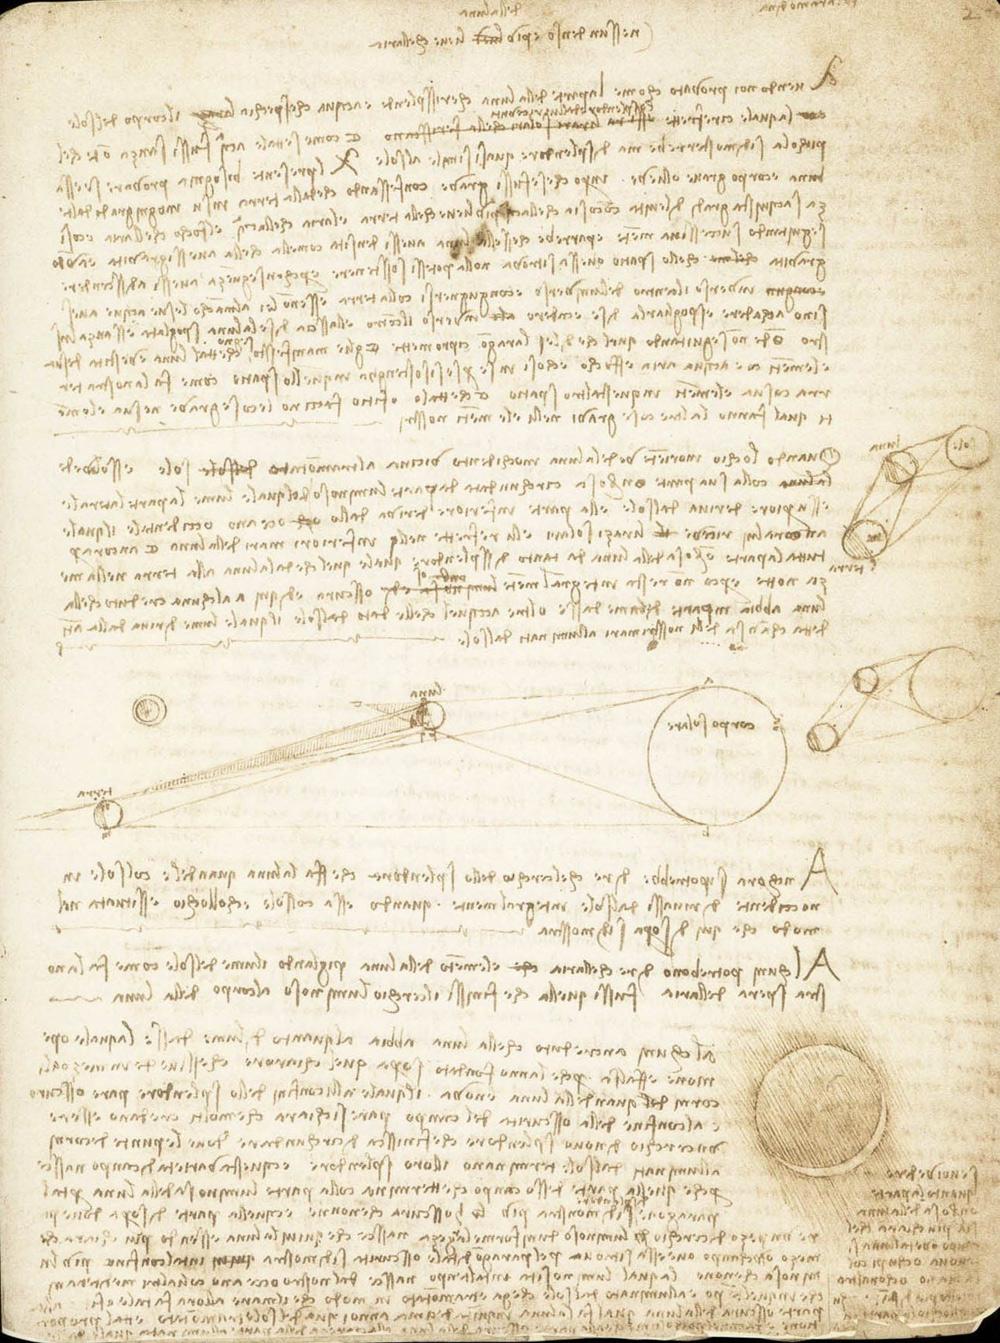 Leonardo da Vinci, Codice Leicester, foglio 2r (1506-1510; manoscritto su carta; Collezione privata). Courtesy Bill Gates